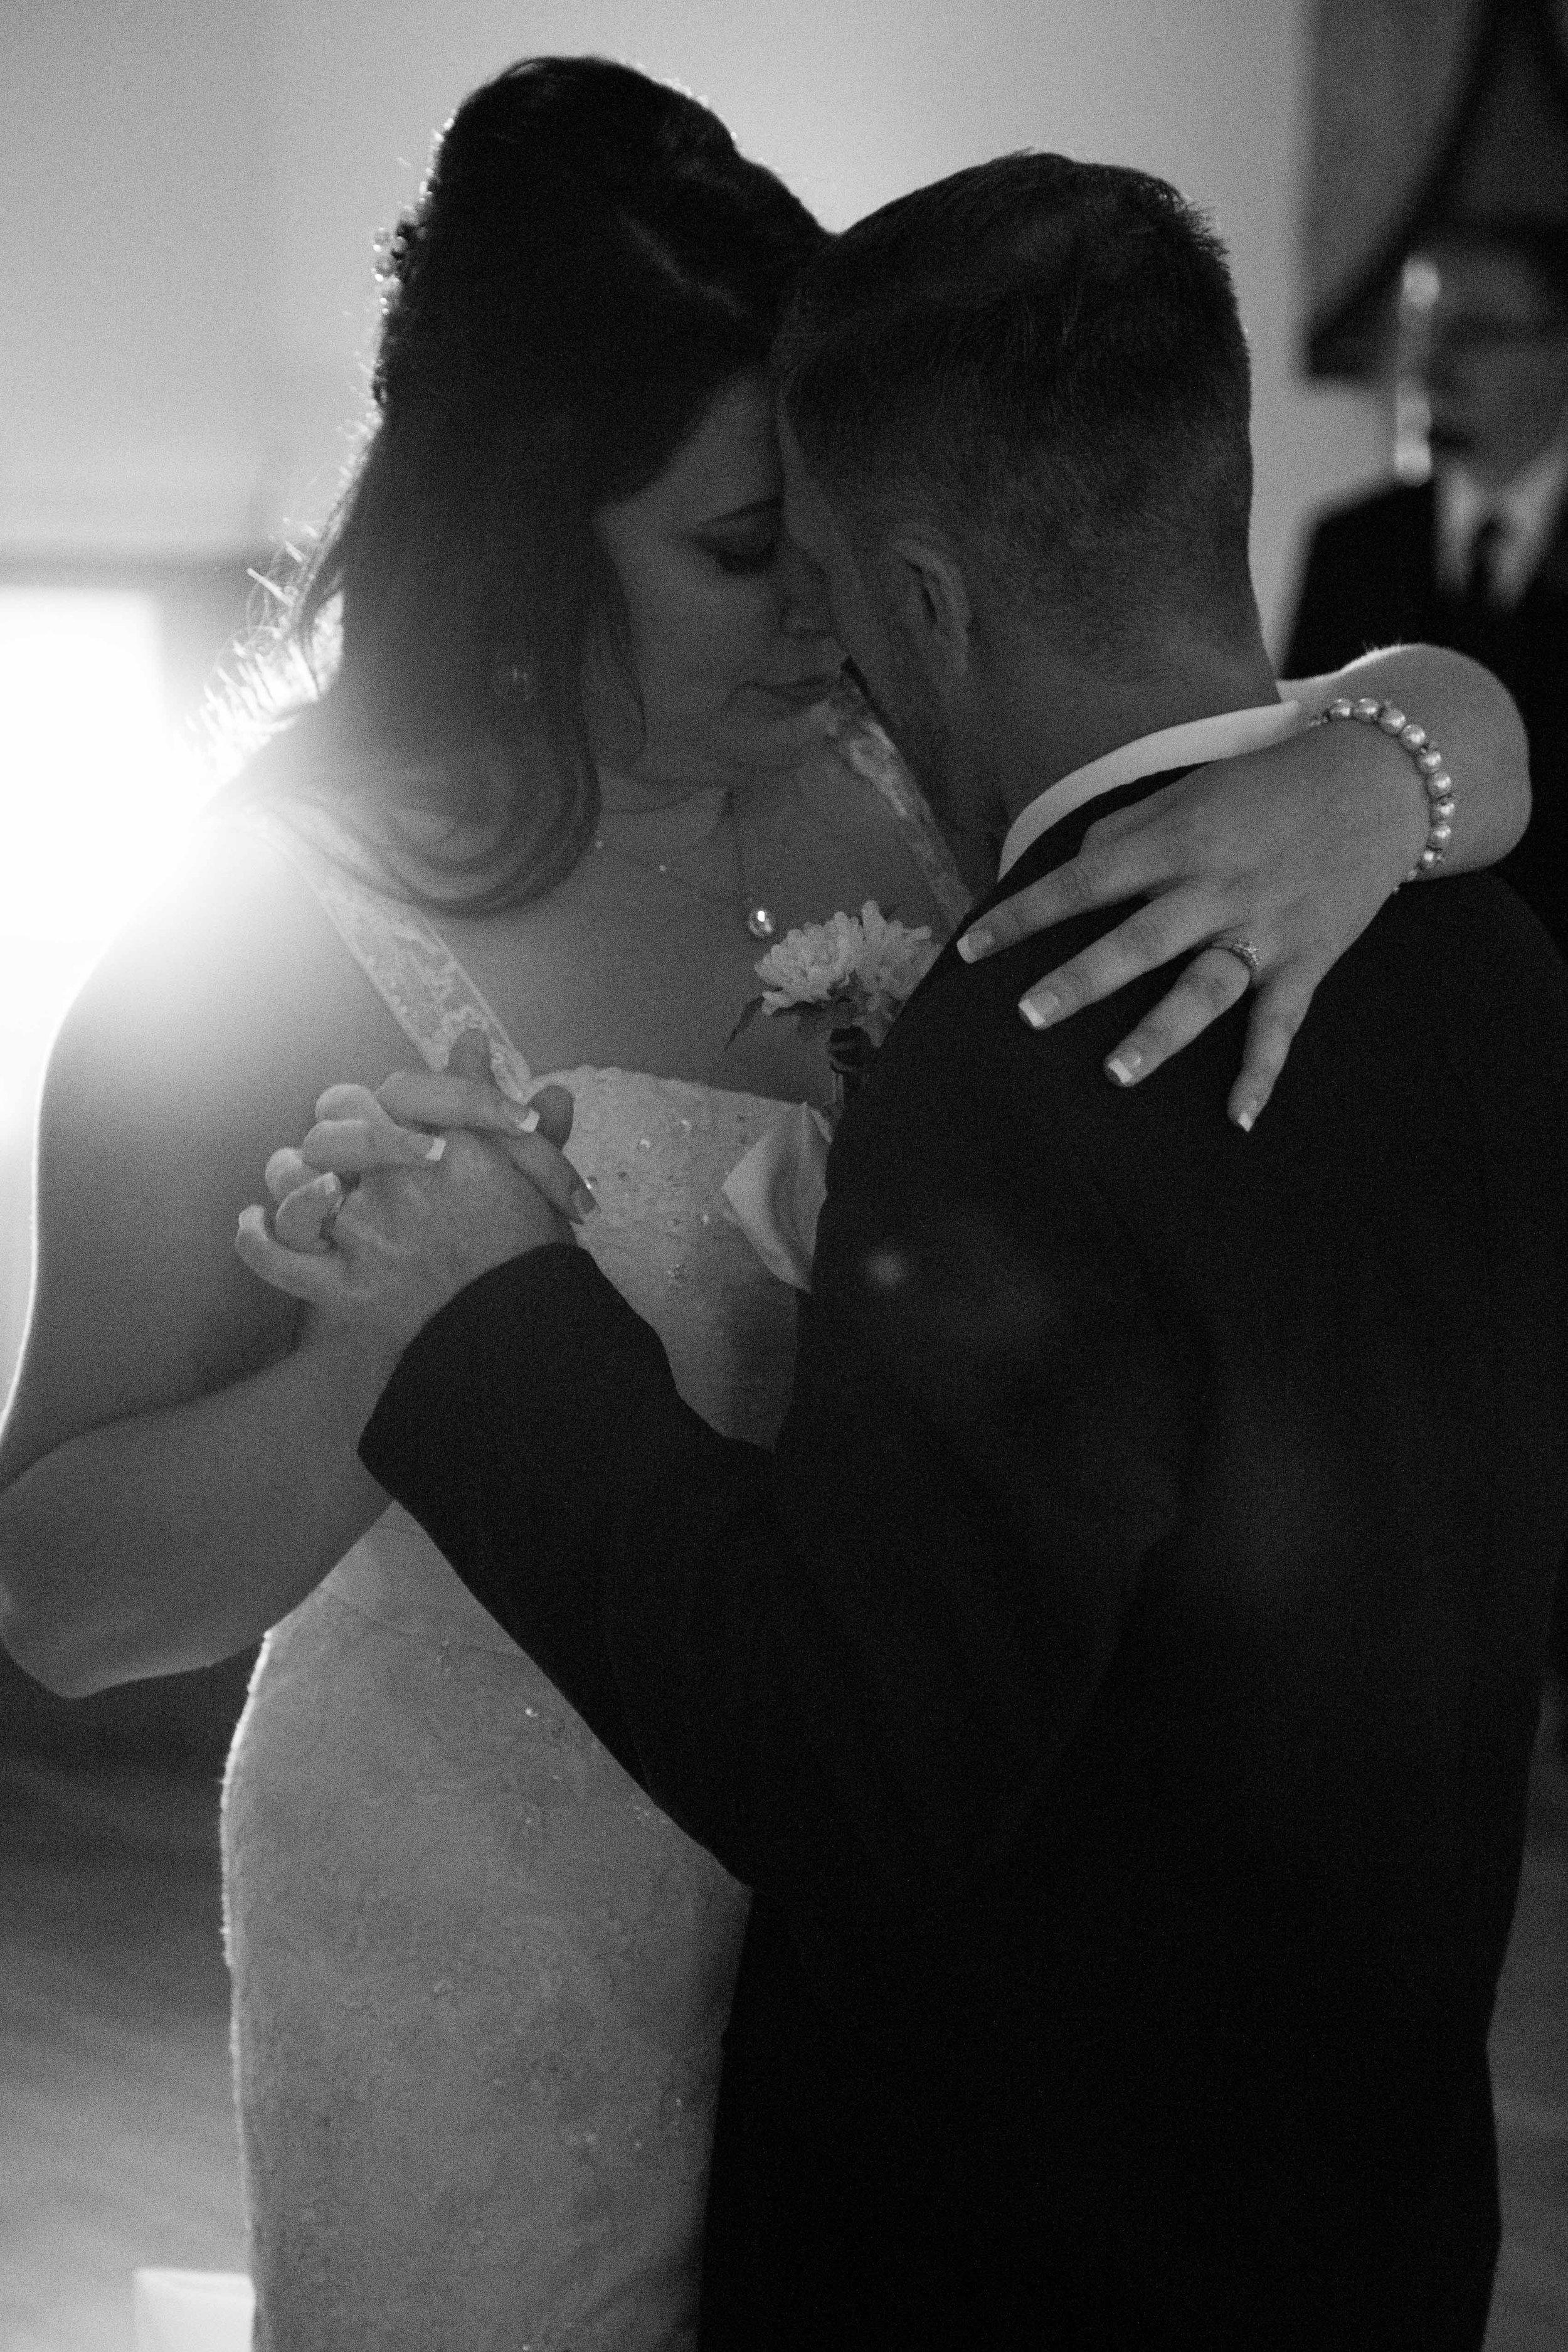 dudley_wedding-3484.jpg